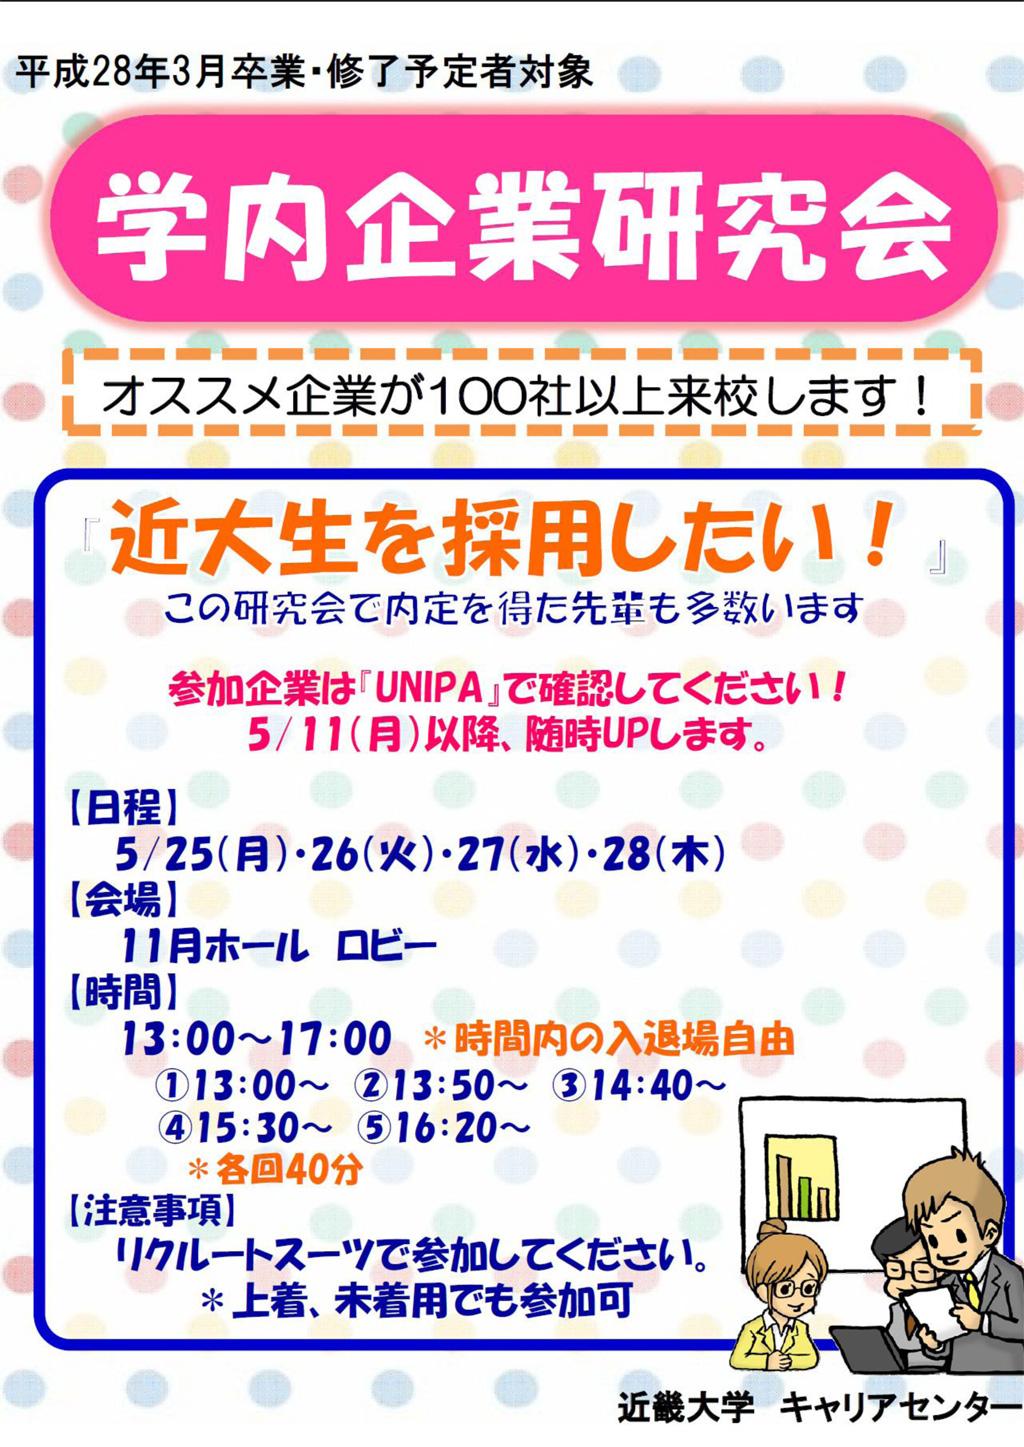 5/25(月)~28(木)「学内合同企業研究会」を開催 近畿大学キャリアセンター